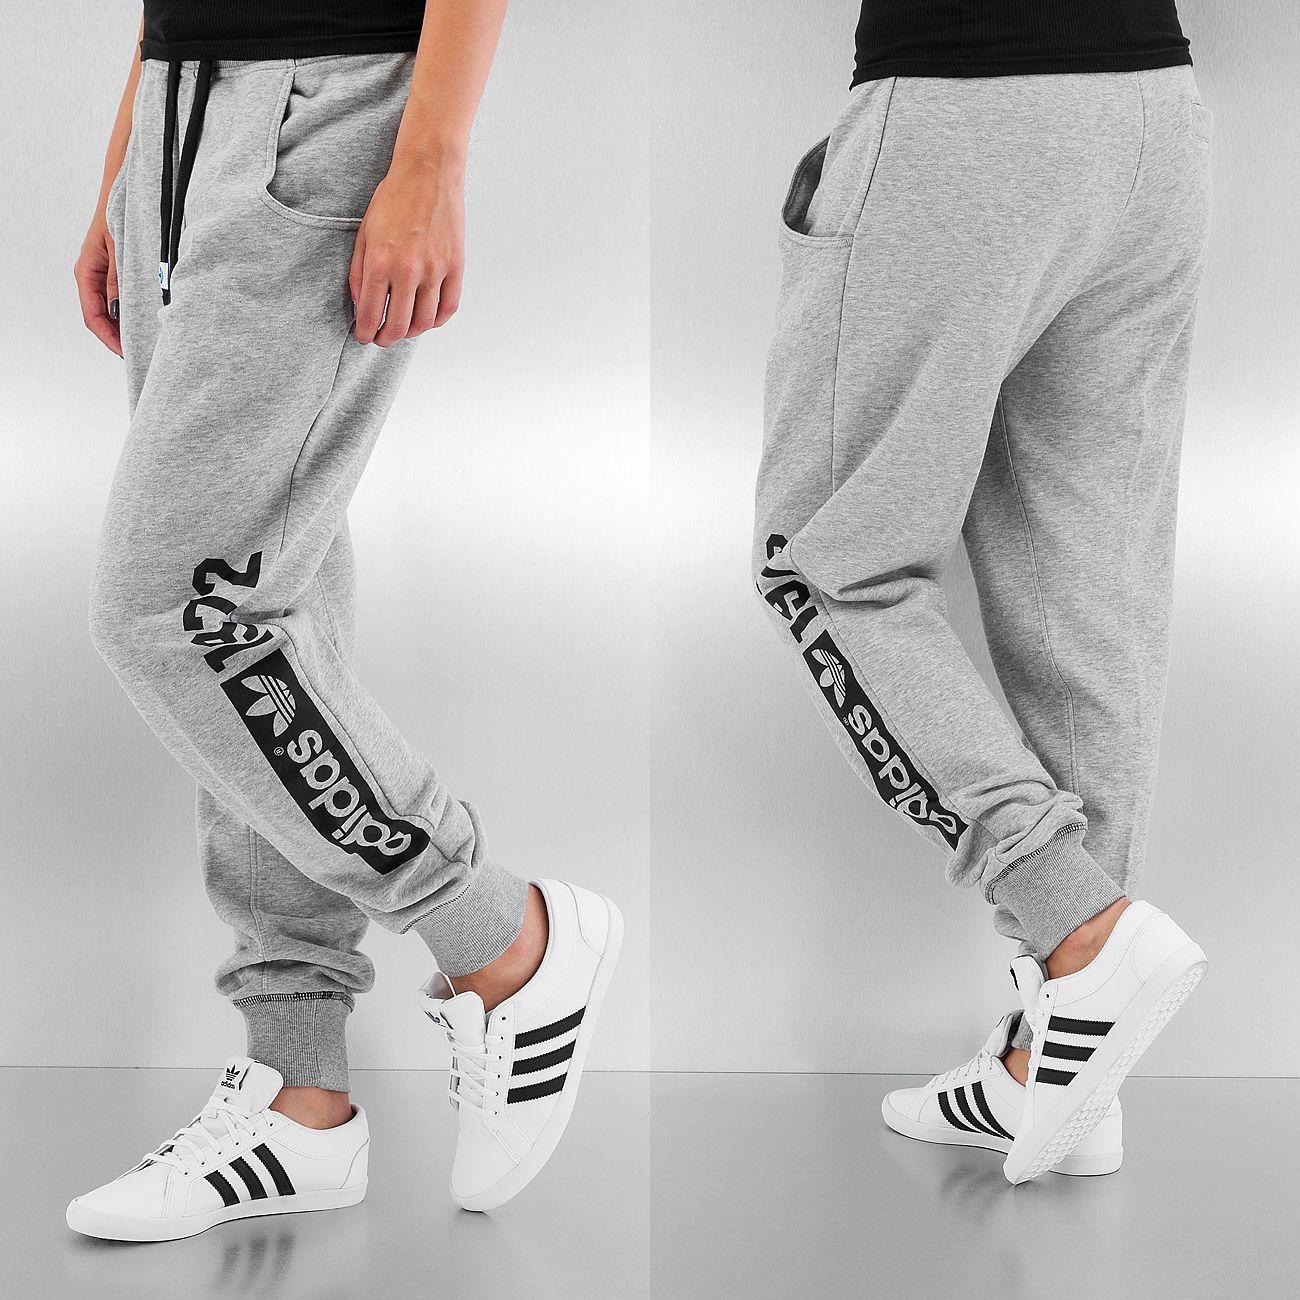 ce98d931f28 Adidas broek / joggingbroek Super Baggy in grijs Adidas Originals,  Joggingbroeken